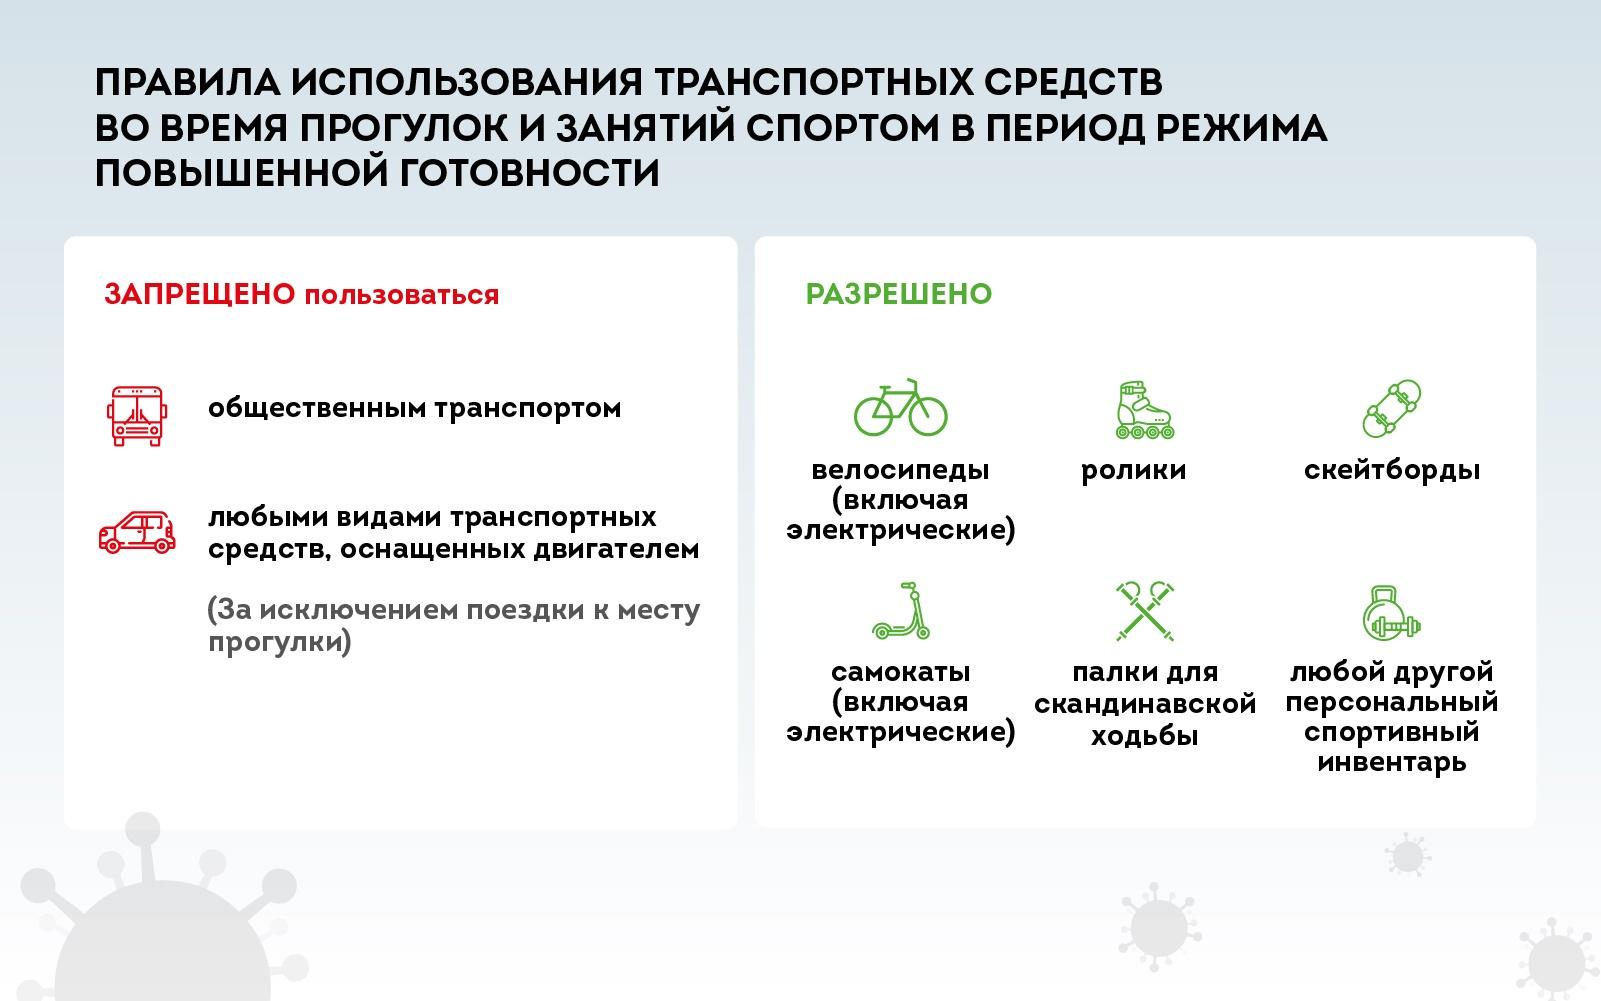 Правила использования транспортных средств с 1 июня 2020 года